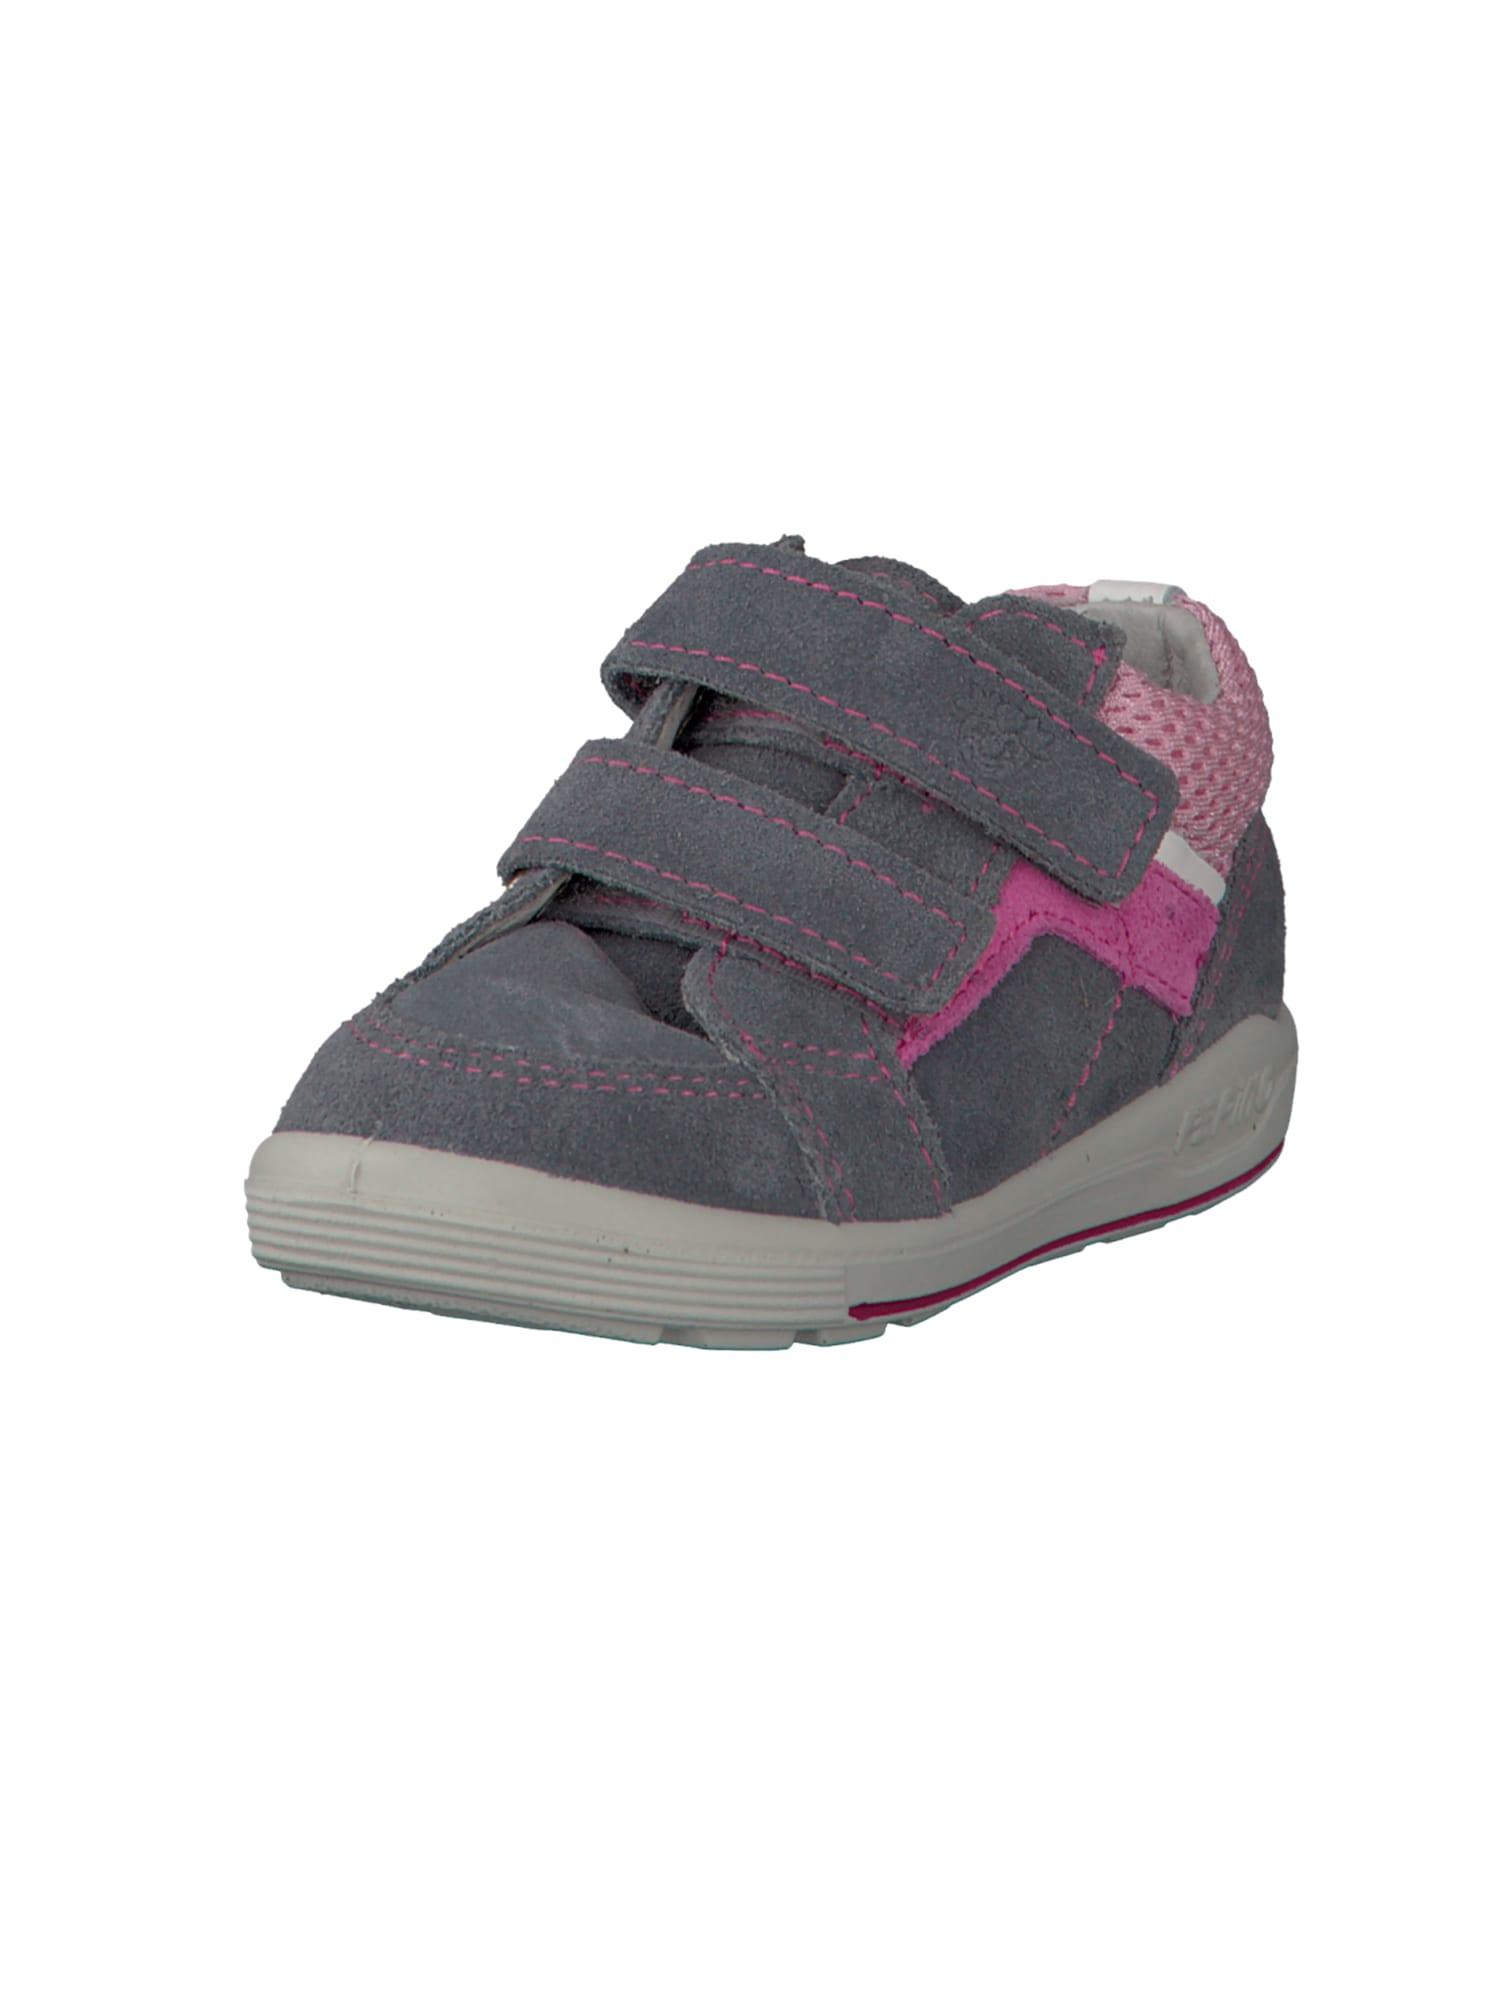 Botičky pro první krůčky Leon tmavě šedá pink růžová bílá Pepino